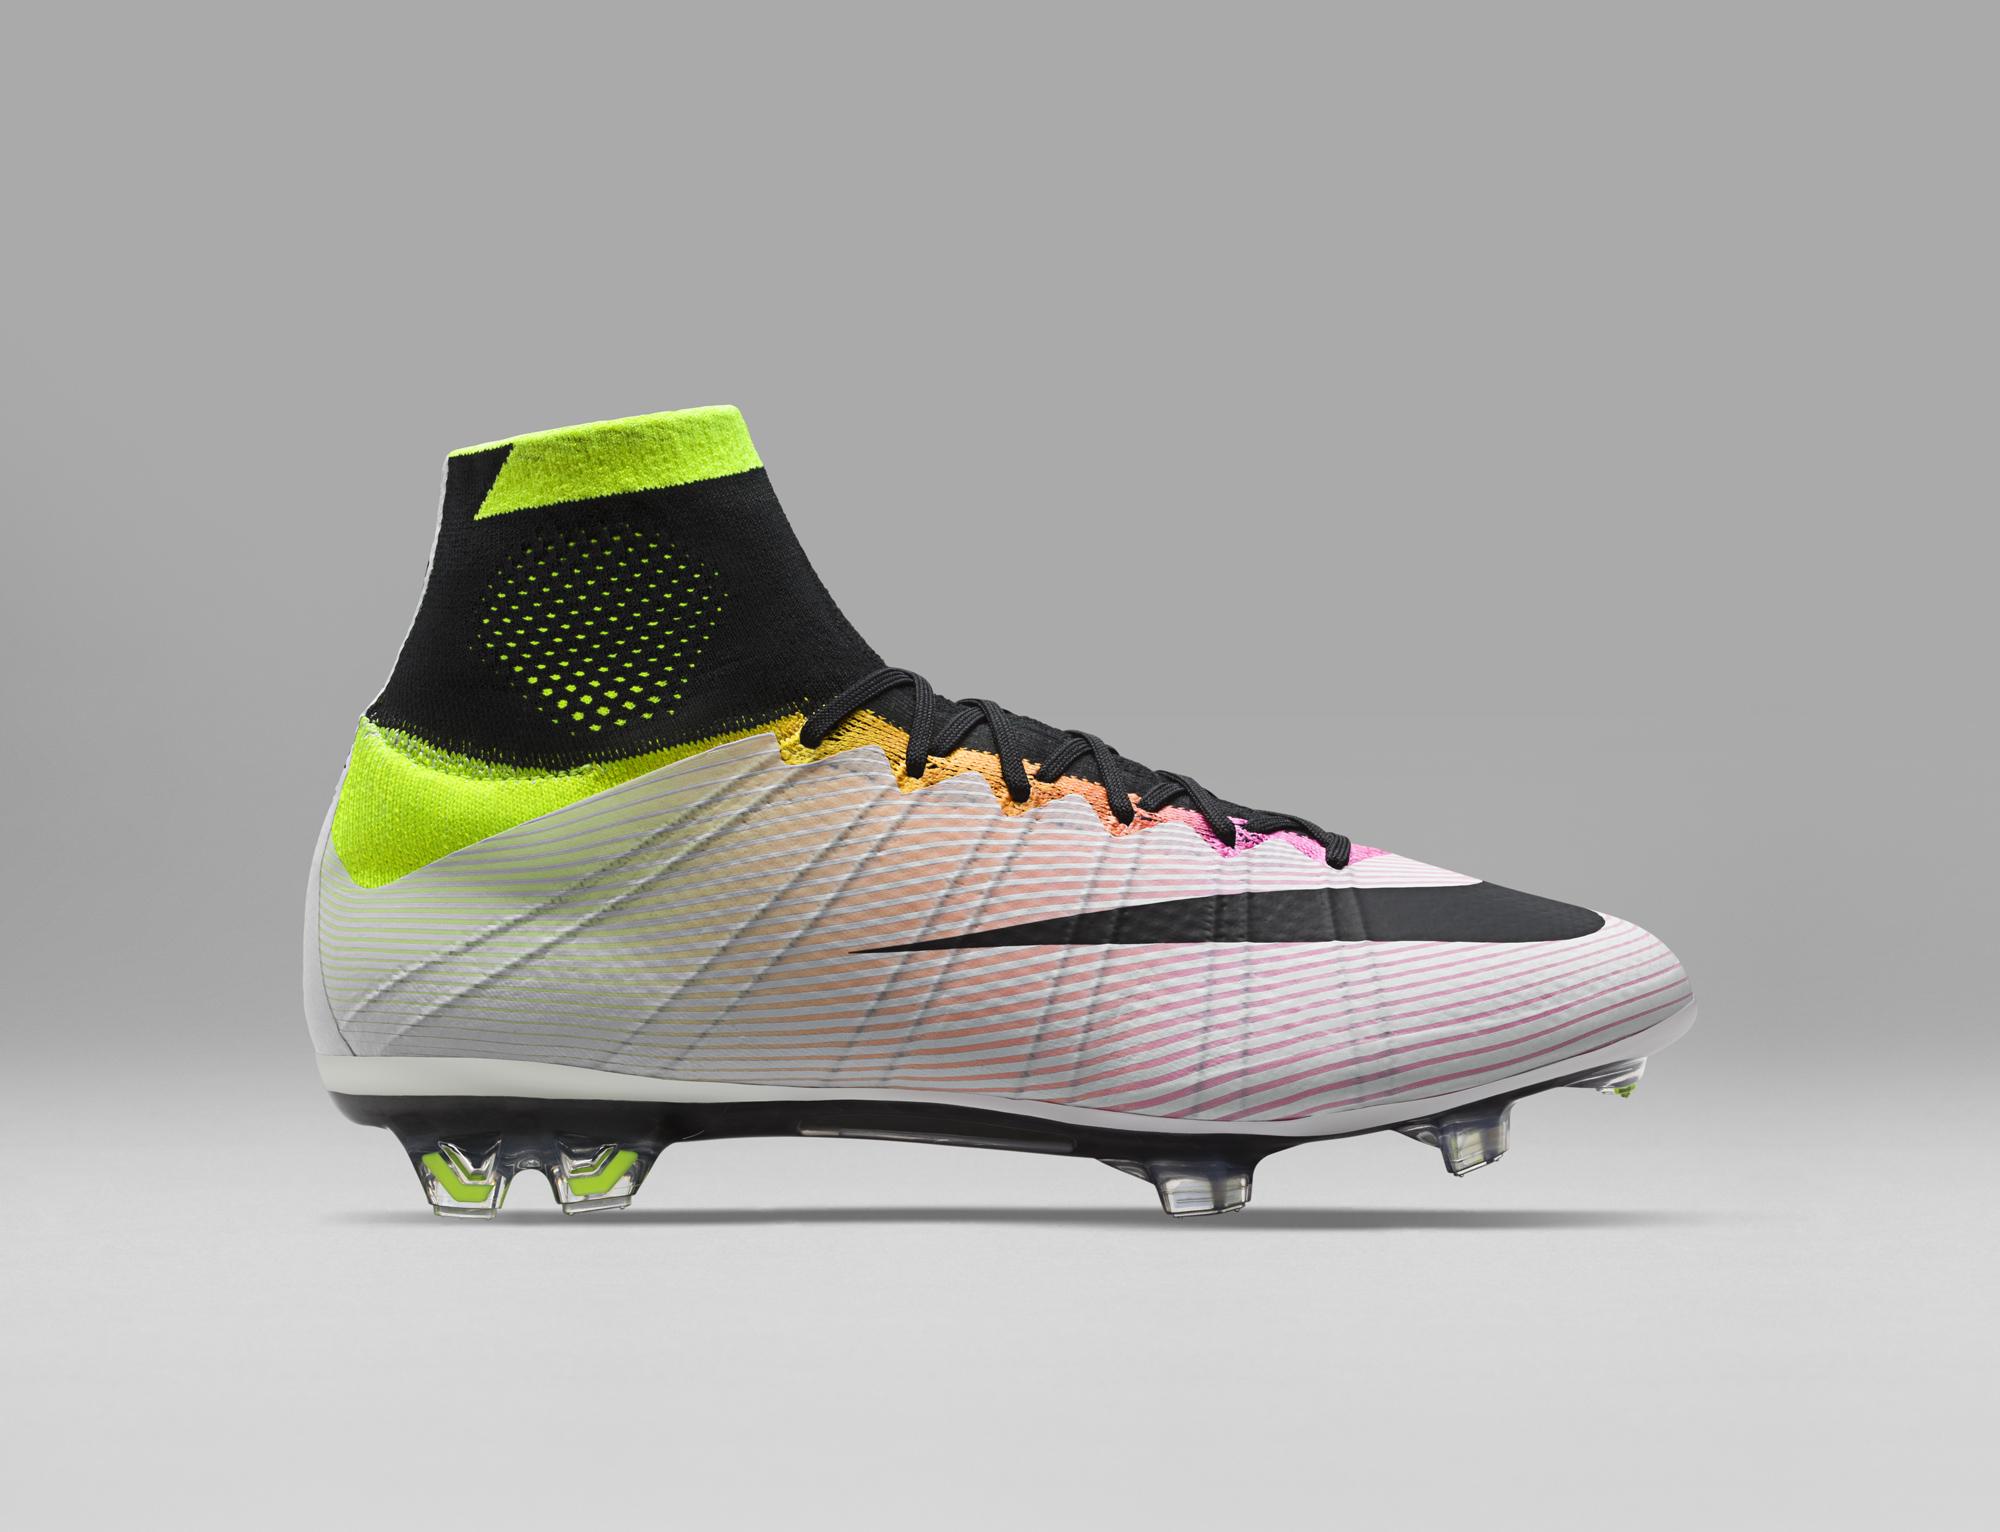 a3e2ade652496 Look primaverile per le nuove scarpe da calcio Nike  presentato il Radiant  Reveal Pack